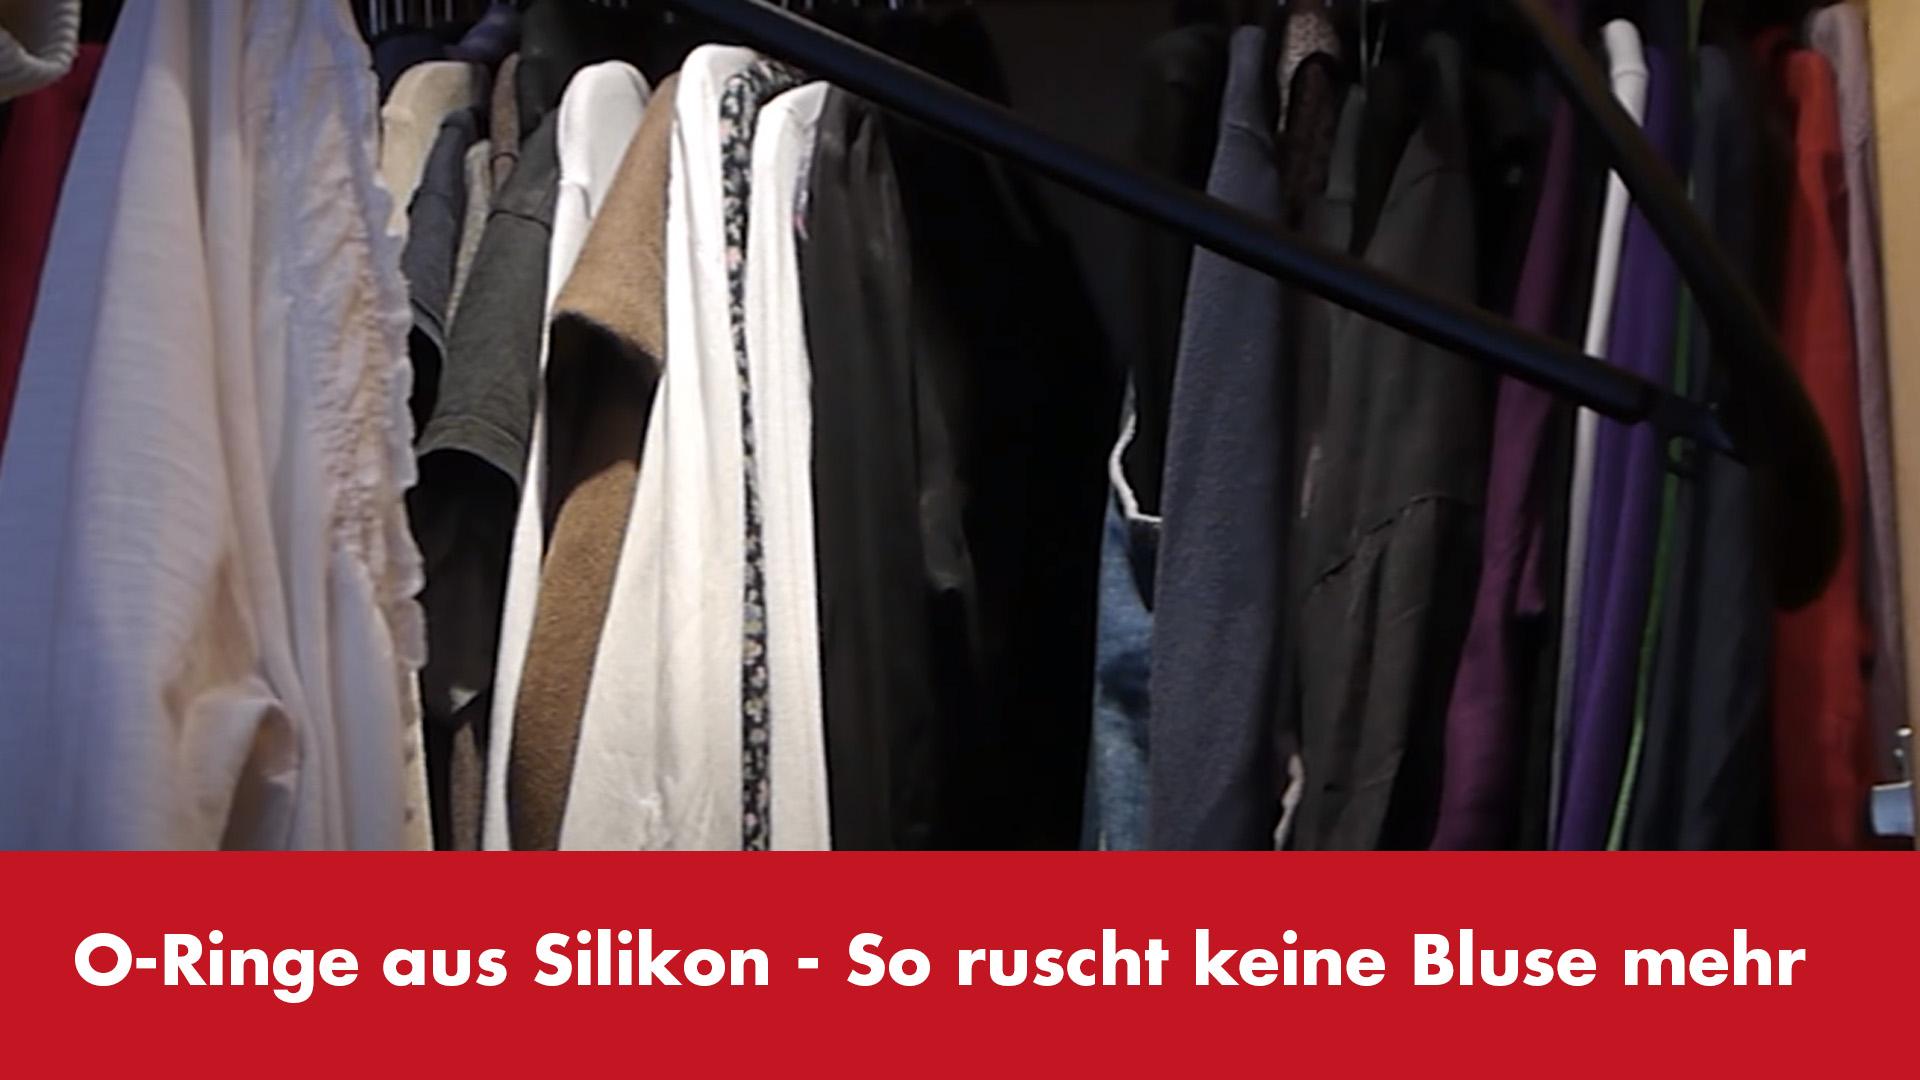 Video-Vorschaubild Silikon-O-Ringe auf Kleiderbügeln